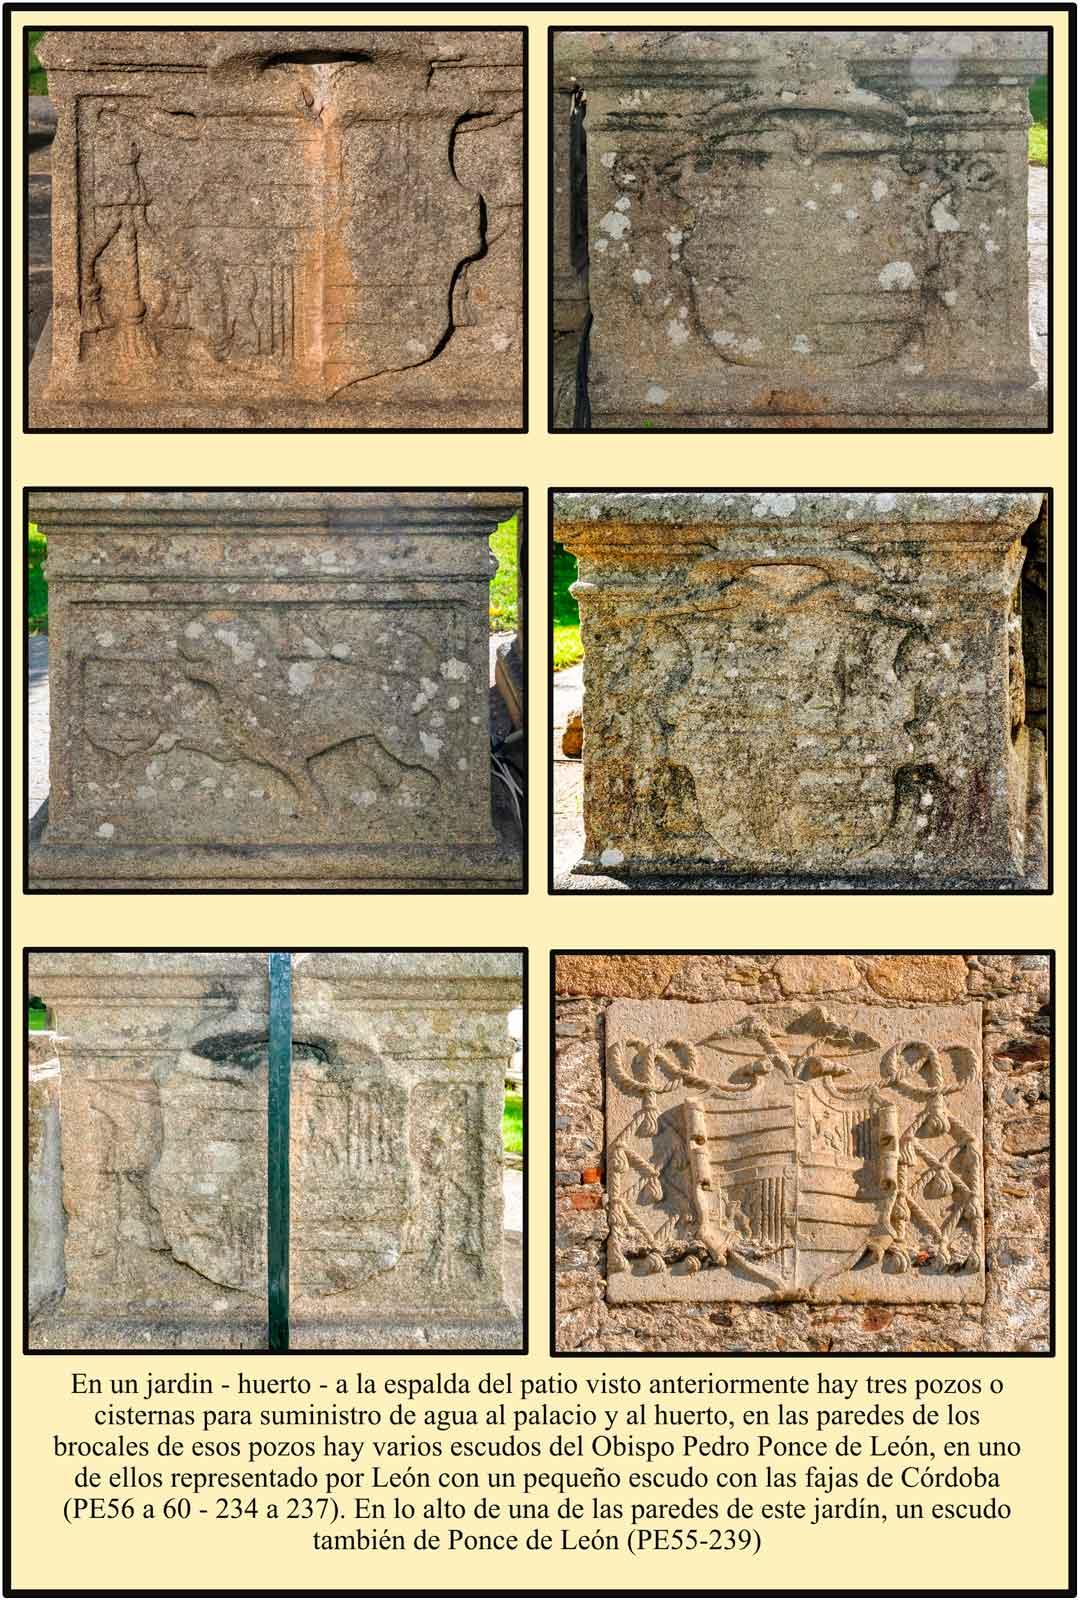 Ponce de Leon  Cisternas Pozos del jardin escudos